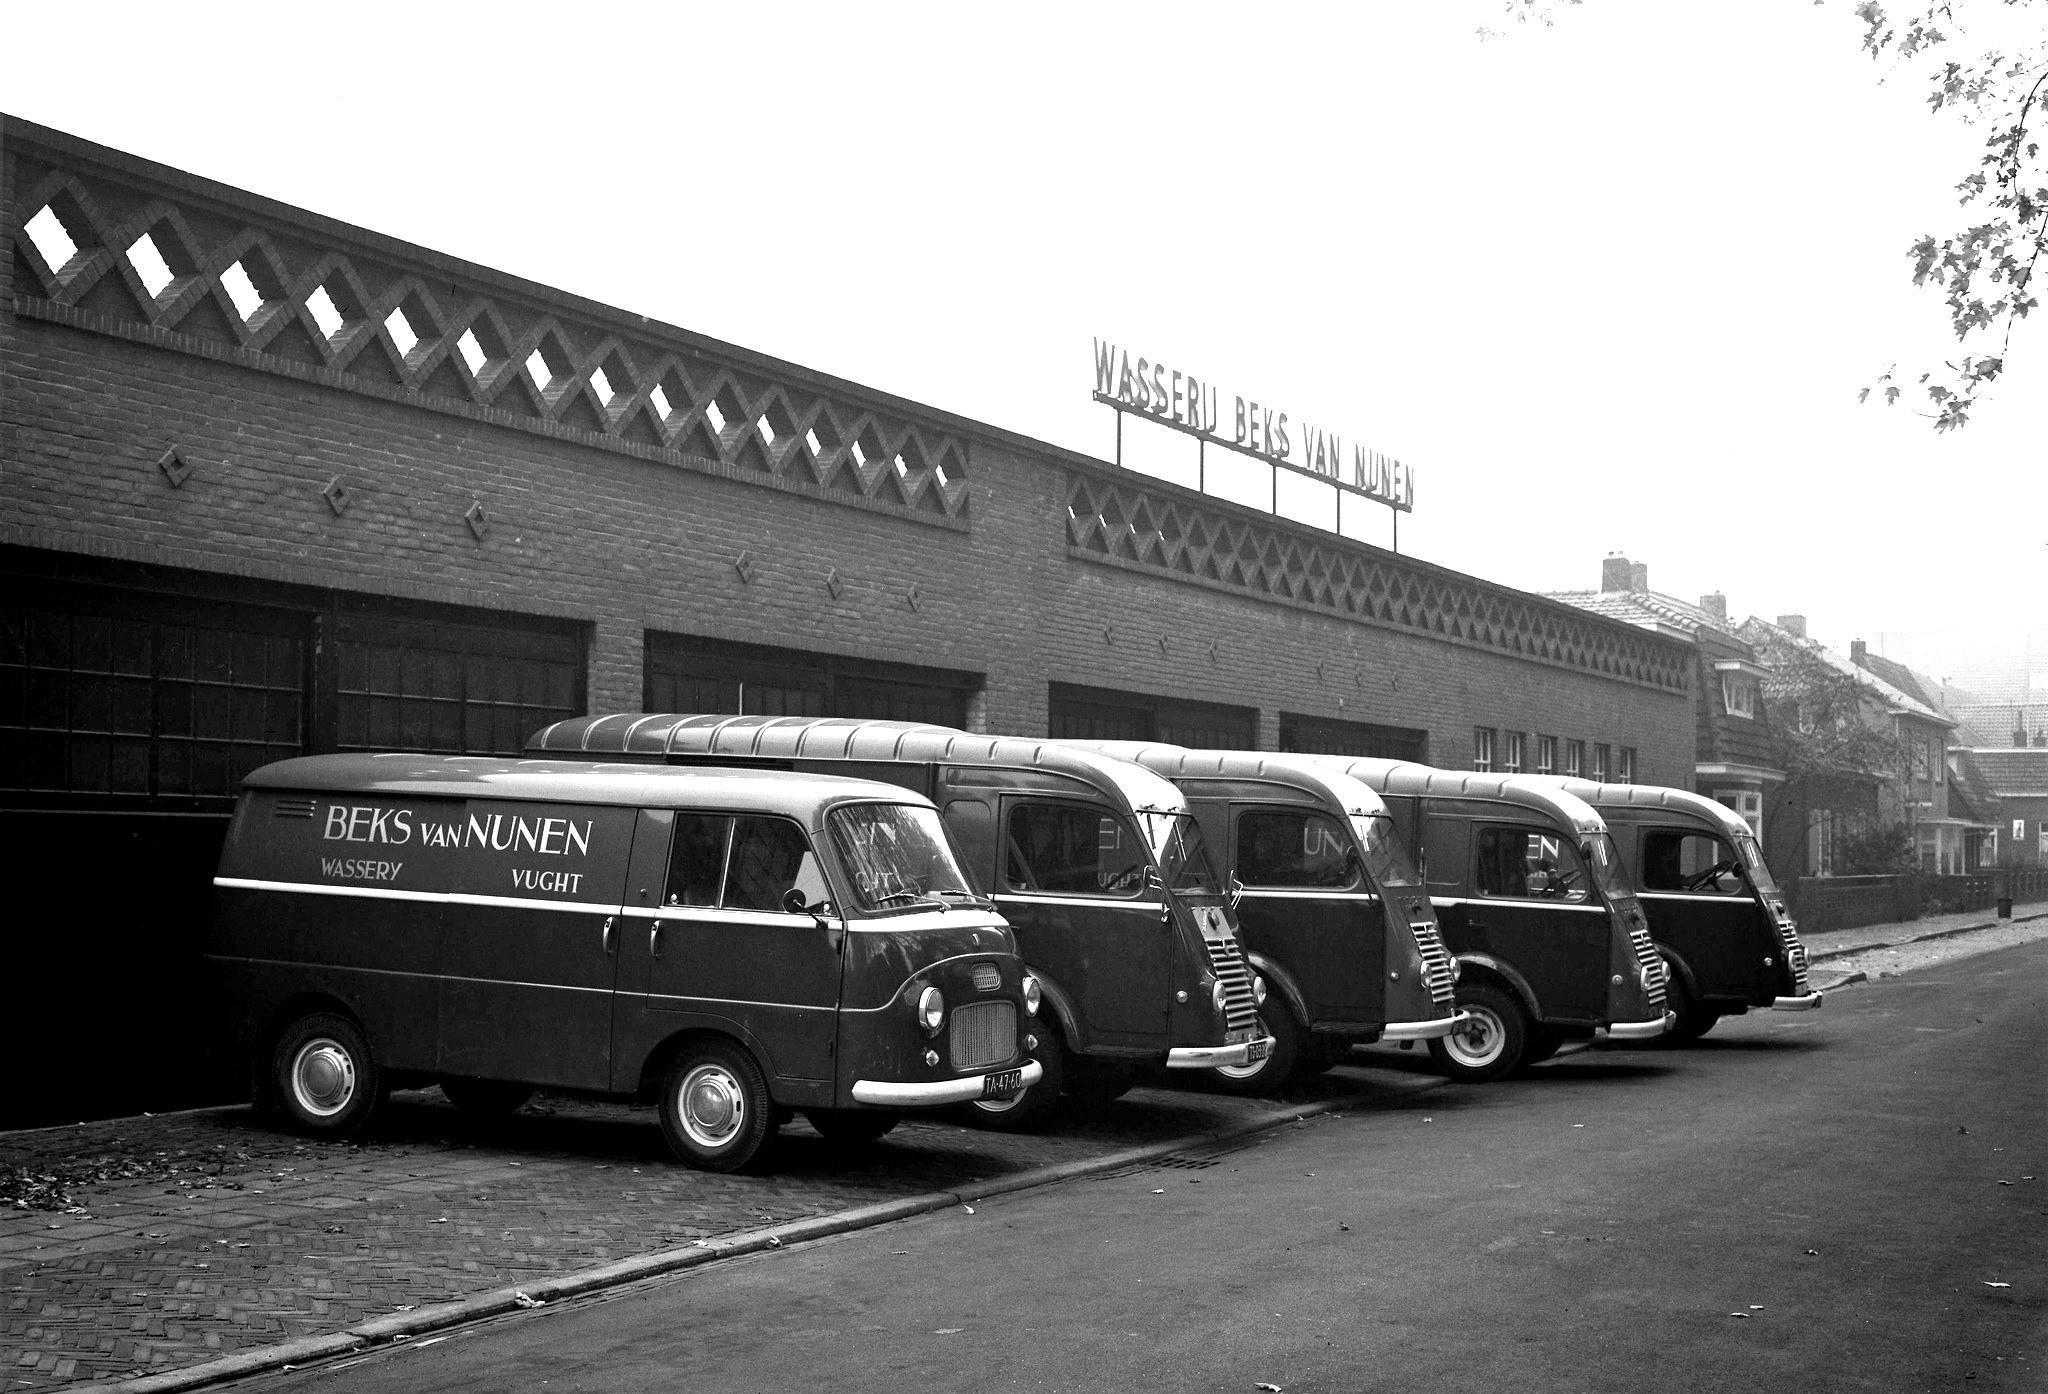 1964-Vught-Wasserij-Beks-van-Nunen-Fiat-1100T-en-Renault-Goelette